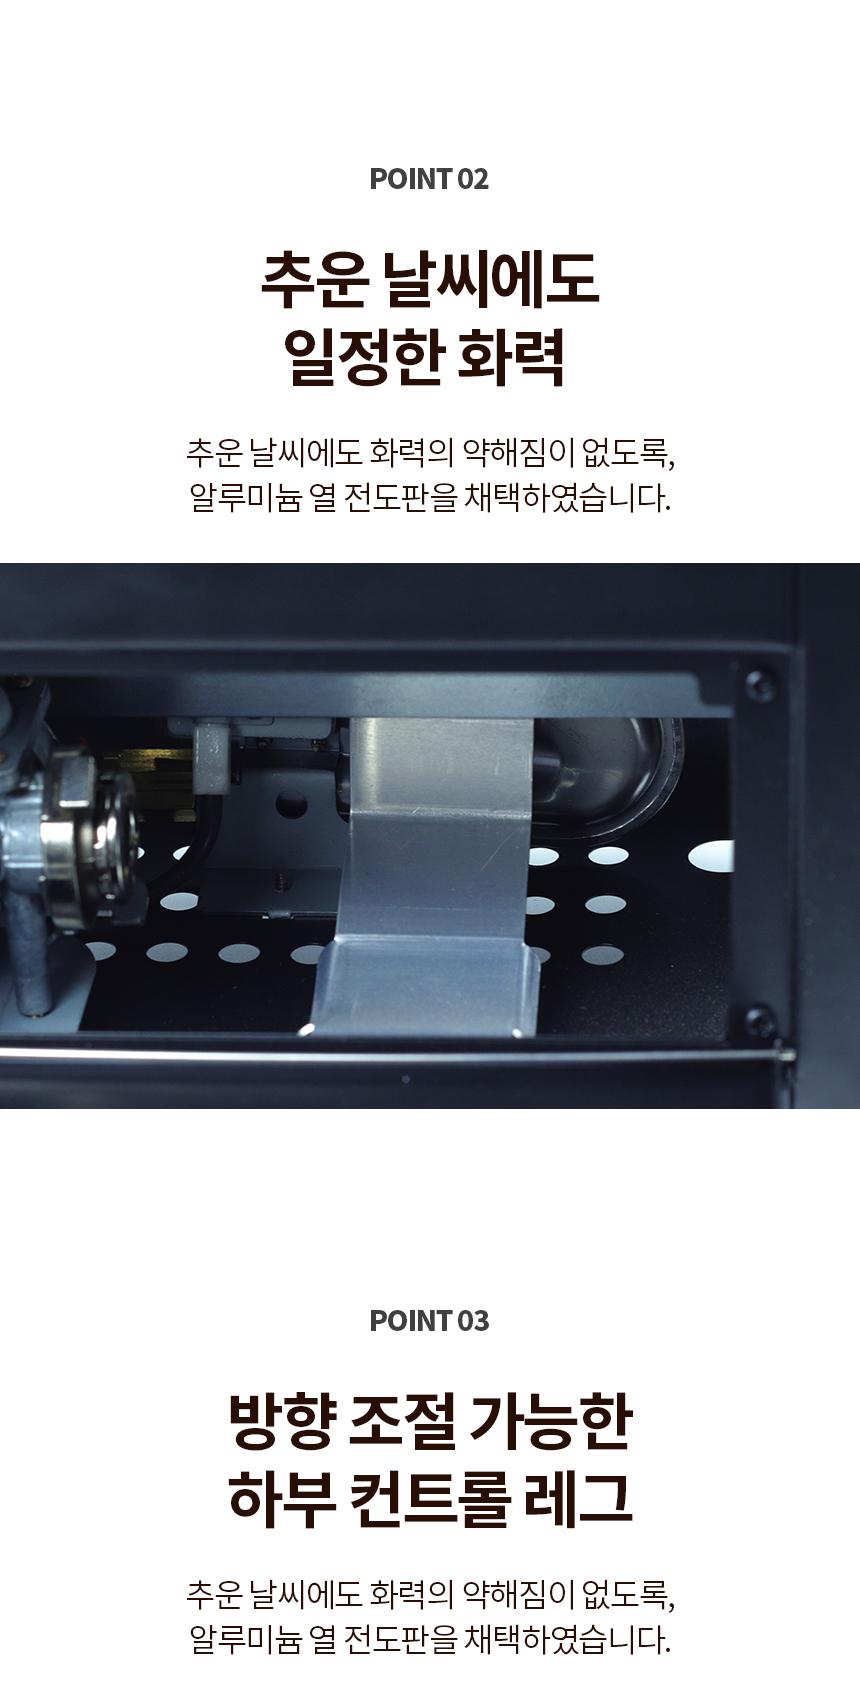 JB-905_201207(열차단판포함)_04.jpg